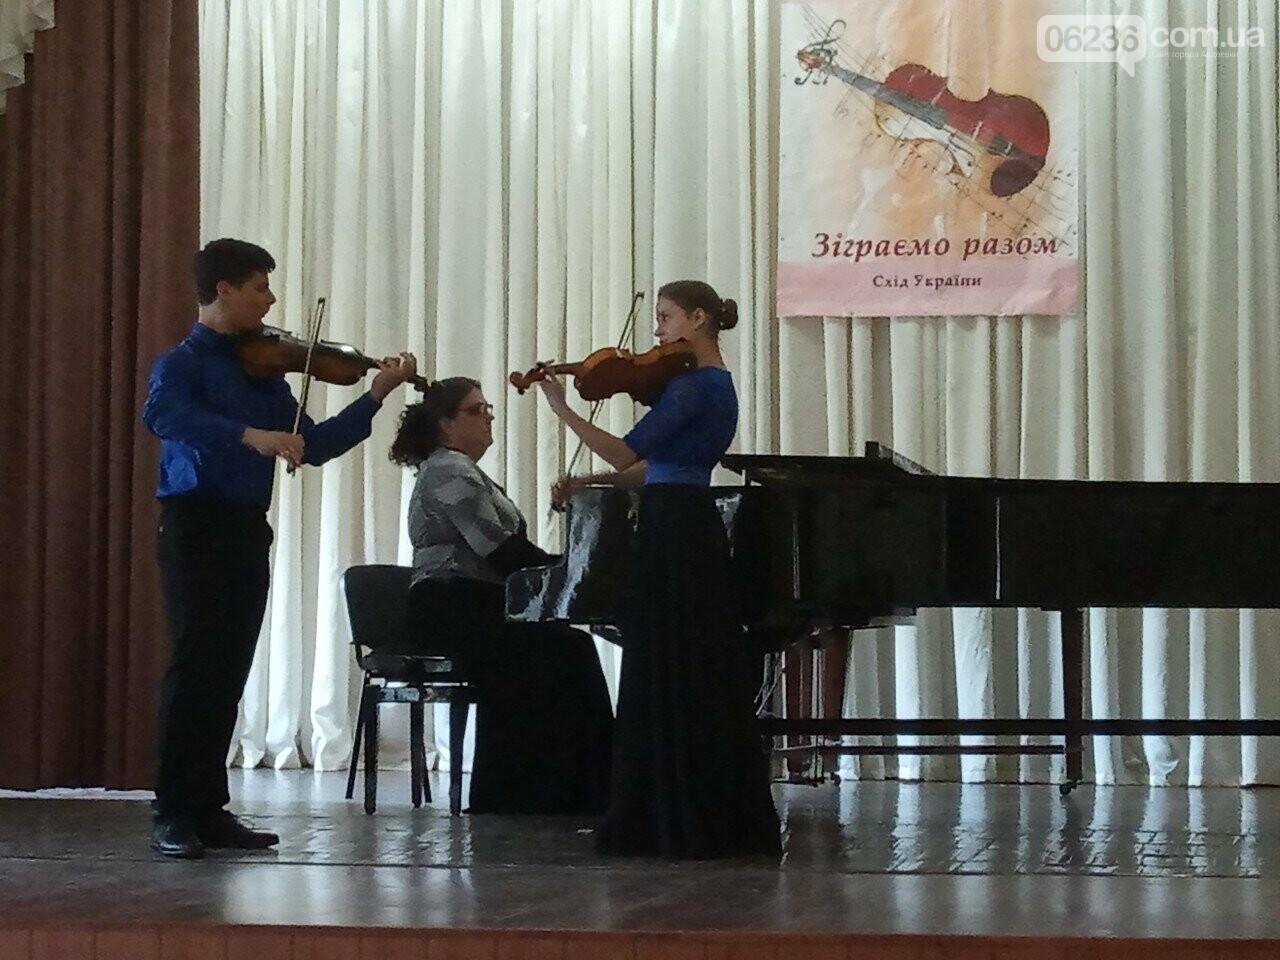 Авдеевские скрипачи одержали победу в престижном конкурсе, фото-2